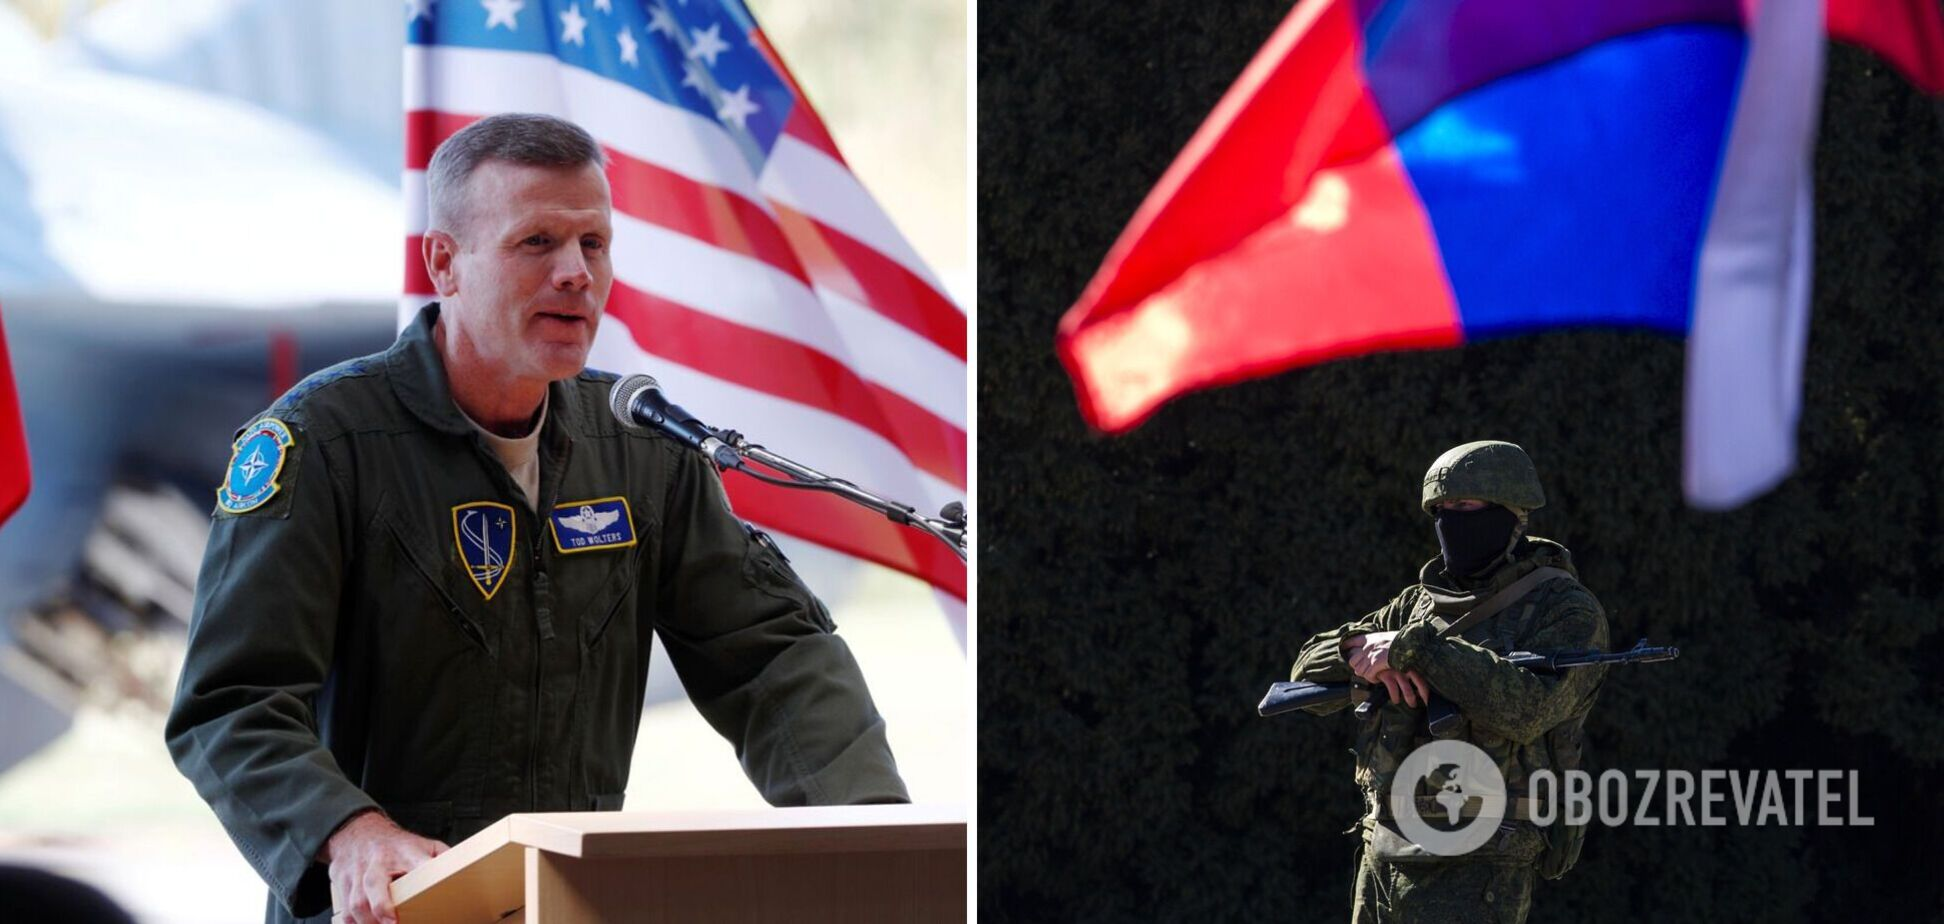 Росія може вторгнутися в Україну протягом декількох тижнів, – генерал ВПС США